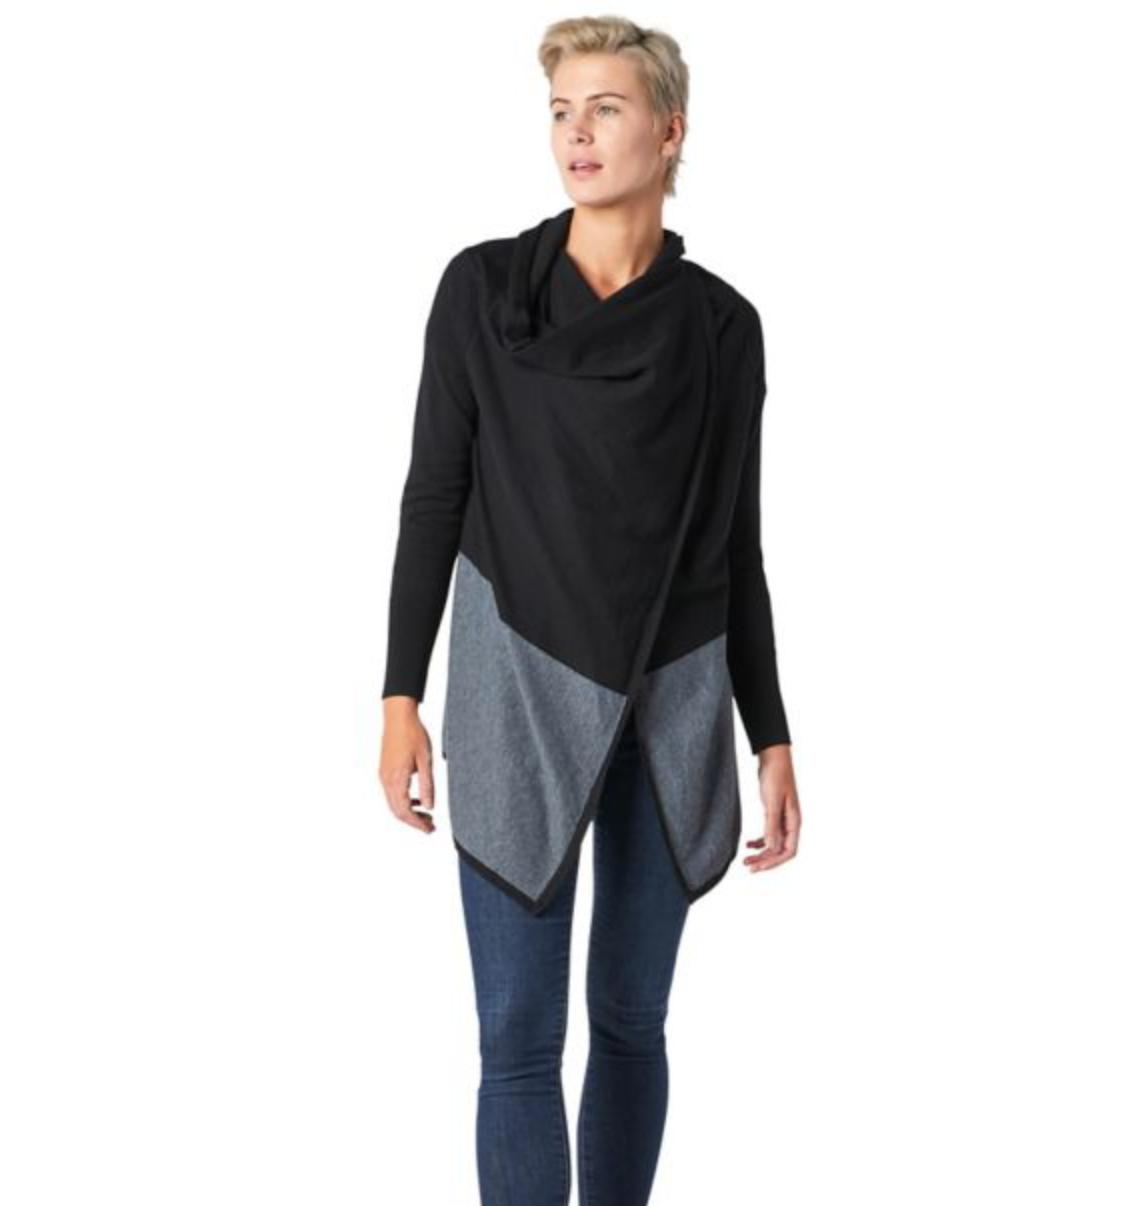 Smartwool Women's Edgewood Wrap Sweater-2